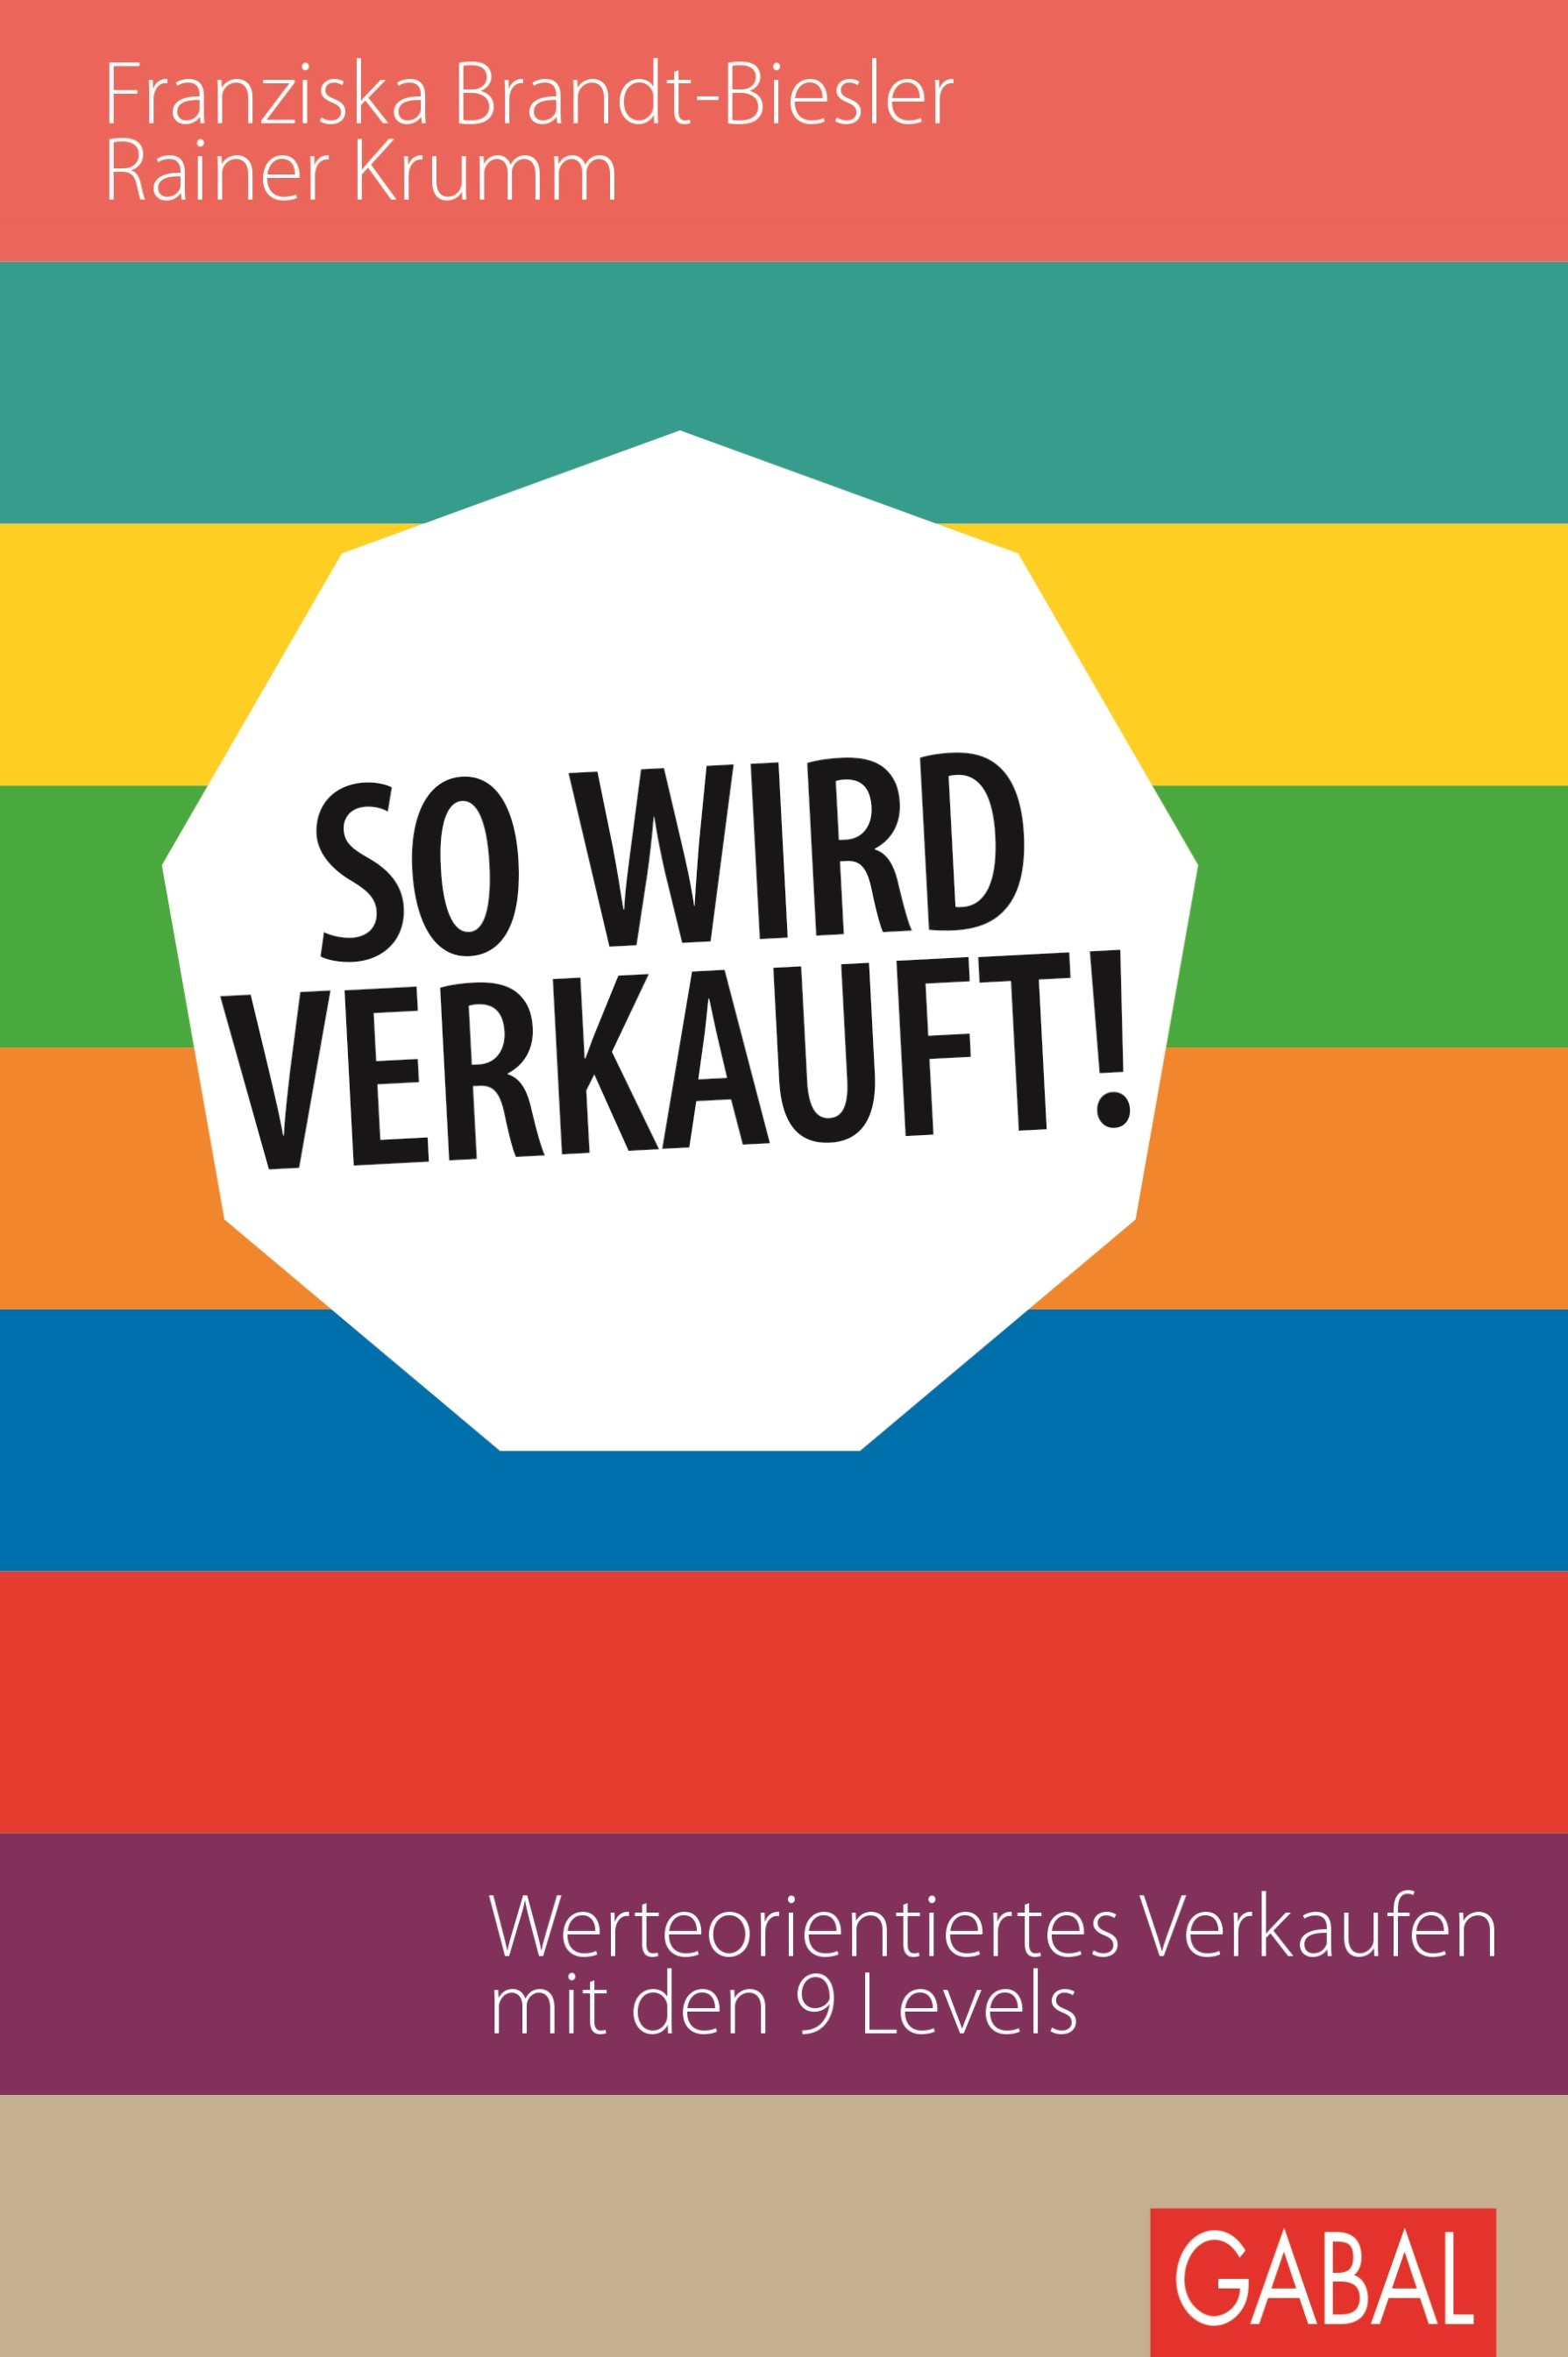 So wird verkauft! | Brandt-Biesler / Krumm, 2015 | Buch (Cover)